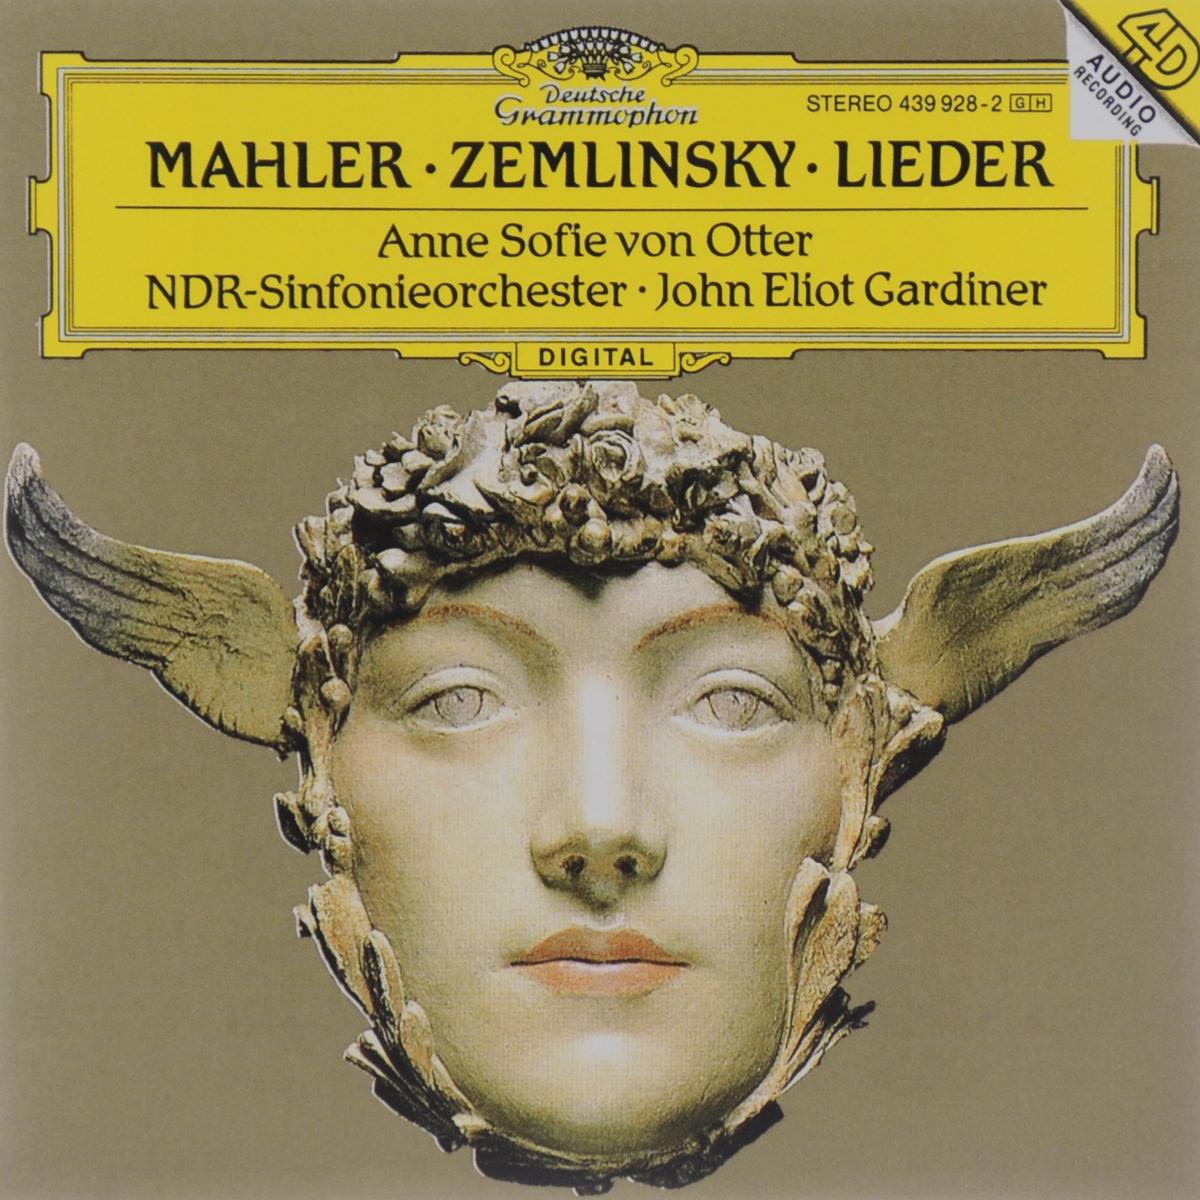 Анн Софи фон Оттер,NDR-Sinfonieorchester Hamburg,Джон Элиот Гардинер Anne Sofie Von Otter. Mahler / Zemlinsky. Lieder münchner philharmoniker elbphilharmonie hamburg